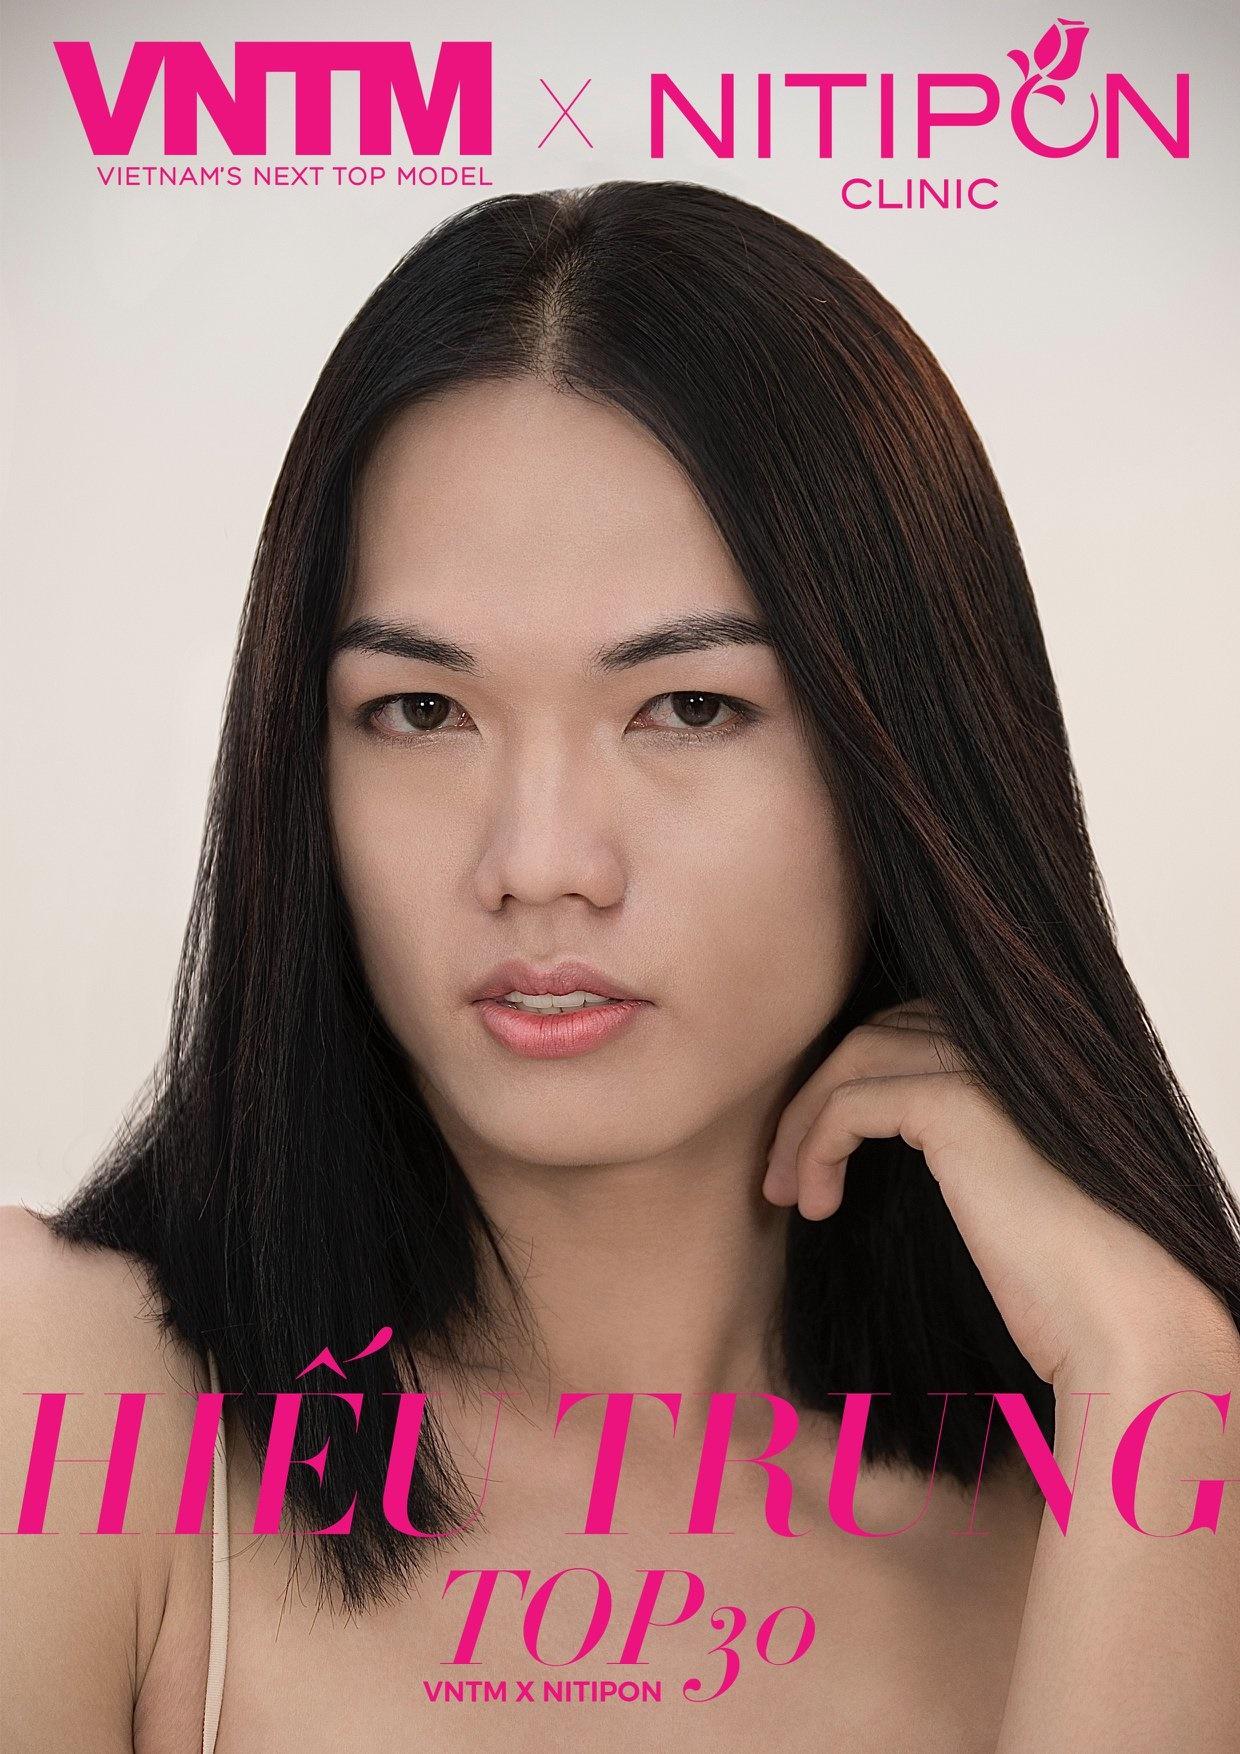 Hieu-Trung